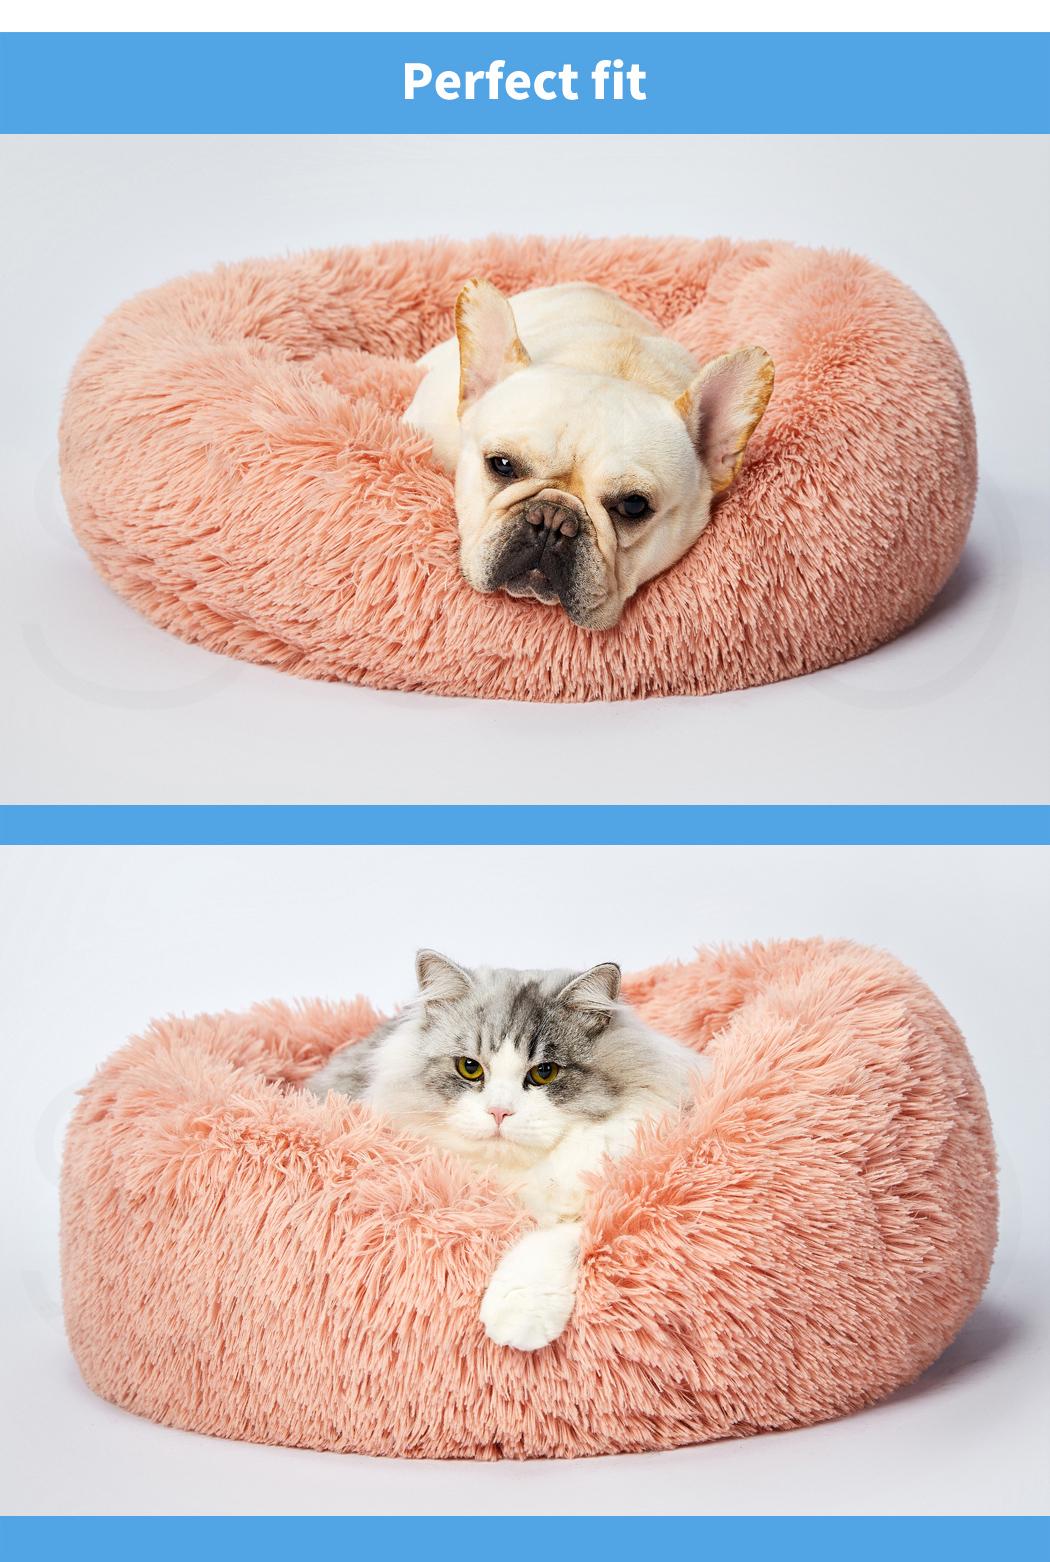 thumbnail 52 - PaWz Pet Bed Cat Dog Donut Nest Calming Mat Soft Plush Kennel Cave Deep Sleeping